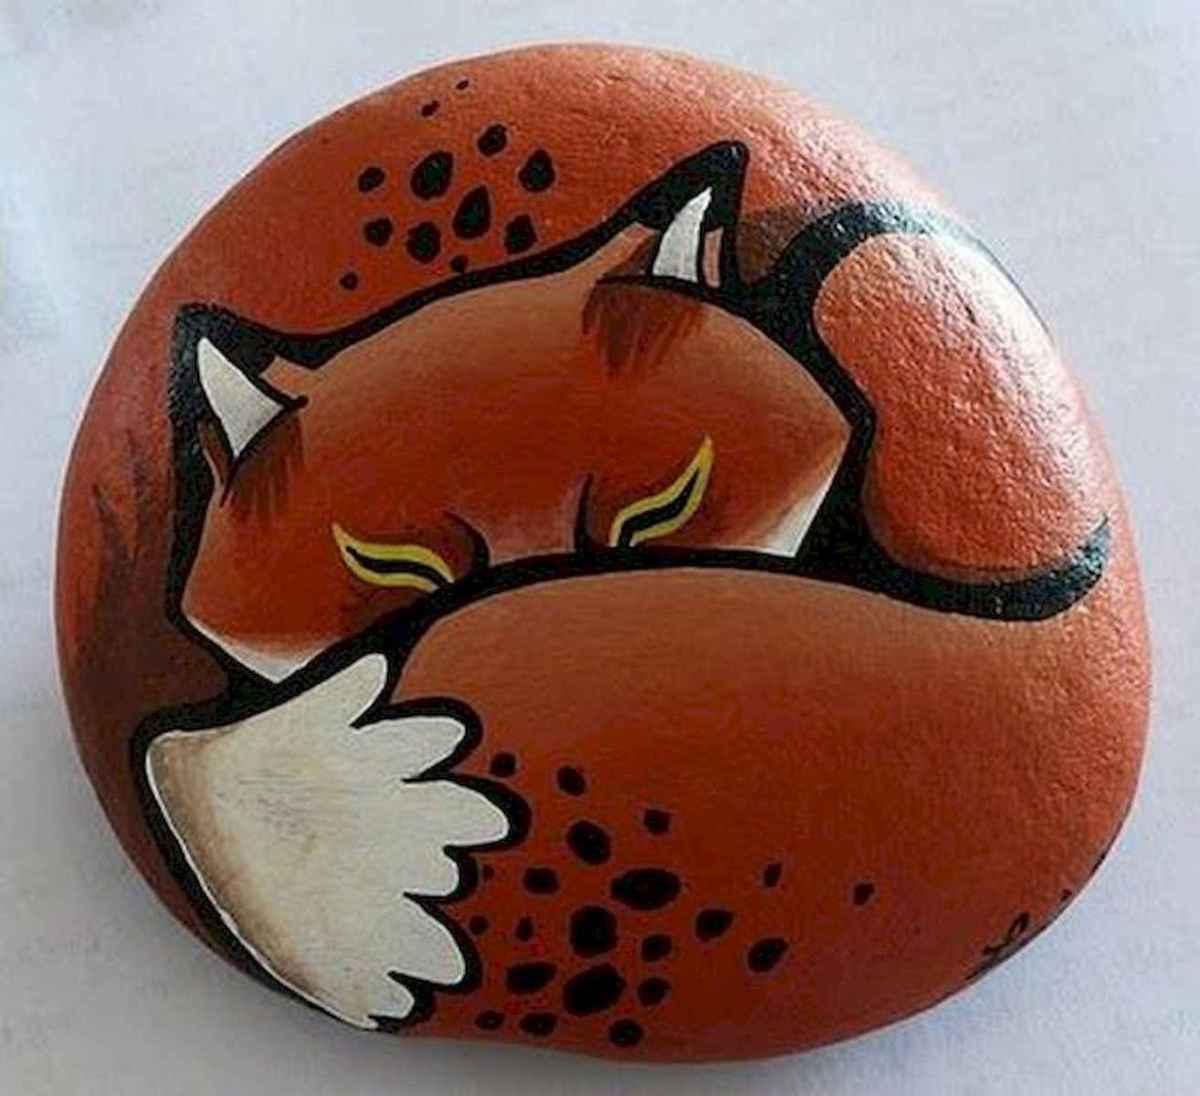 50 Inspiring DIY Painted Rocks Animals Cats for Summer Ideas (40)